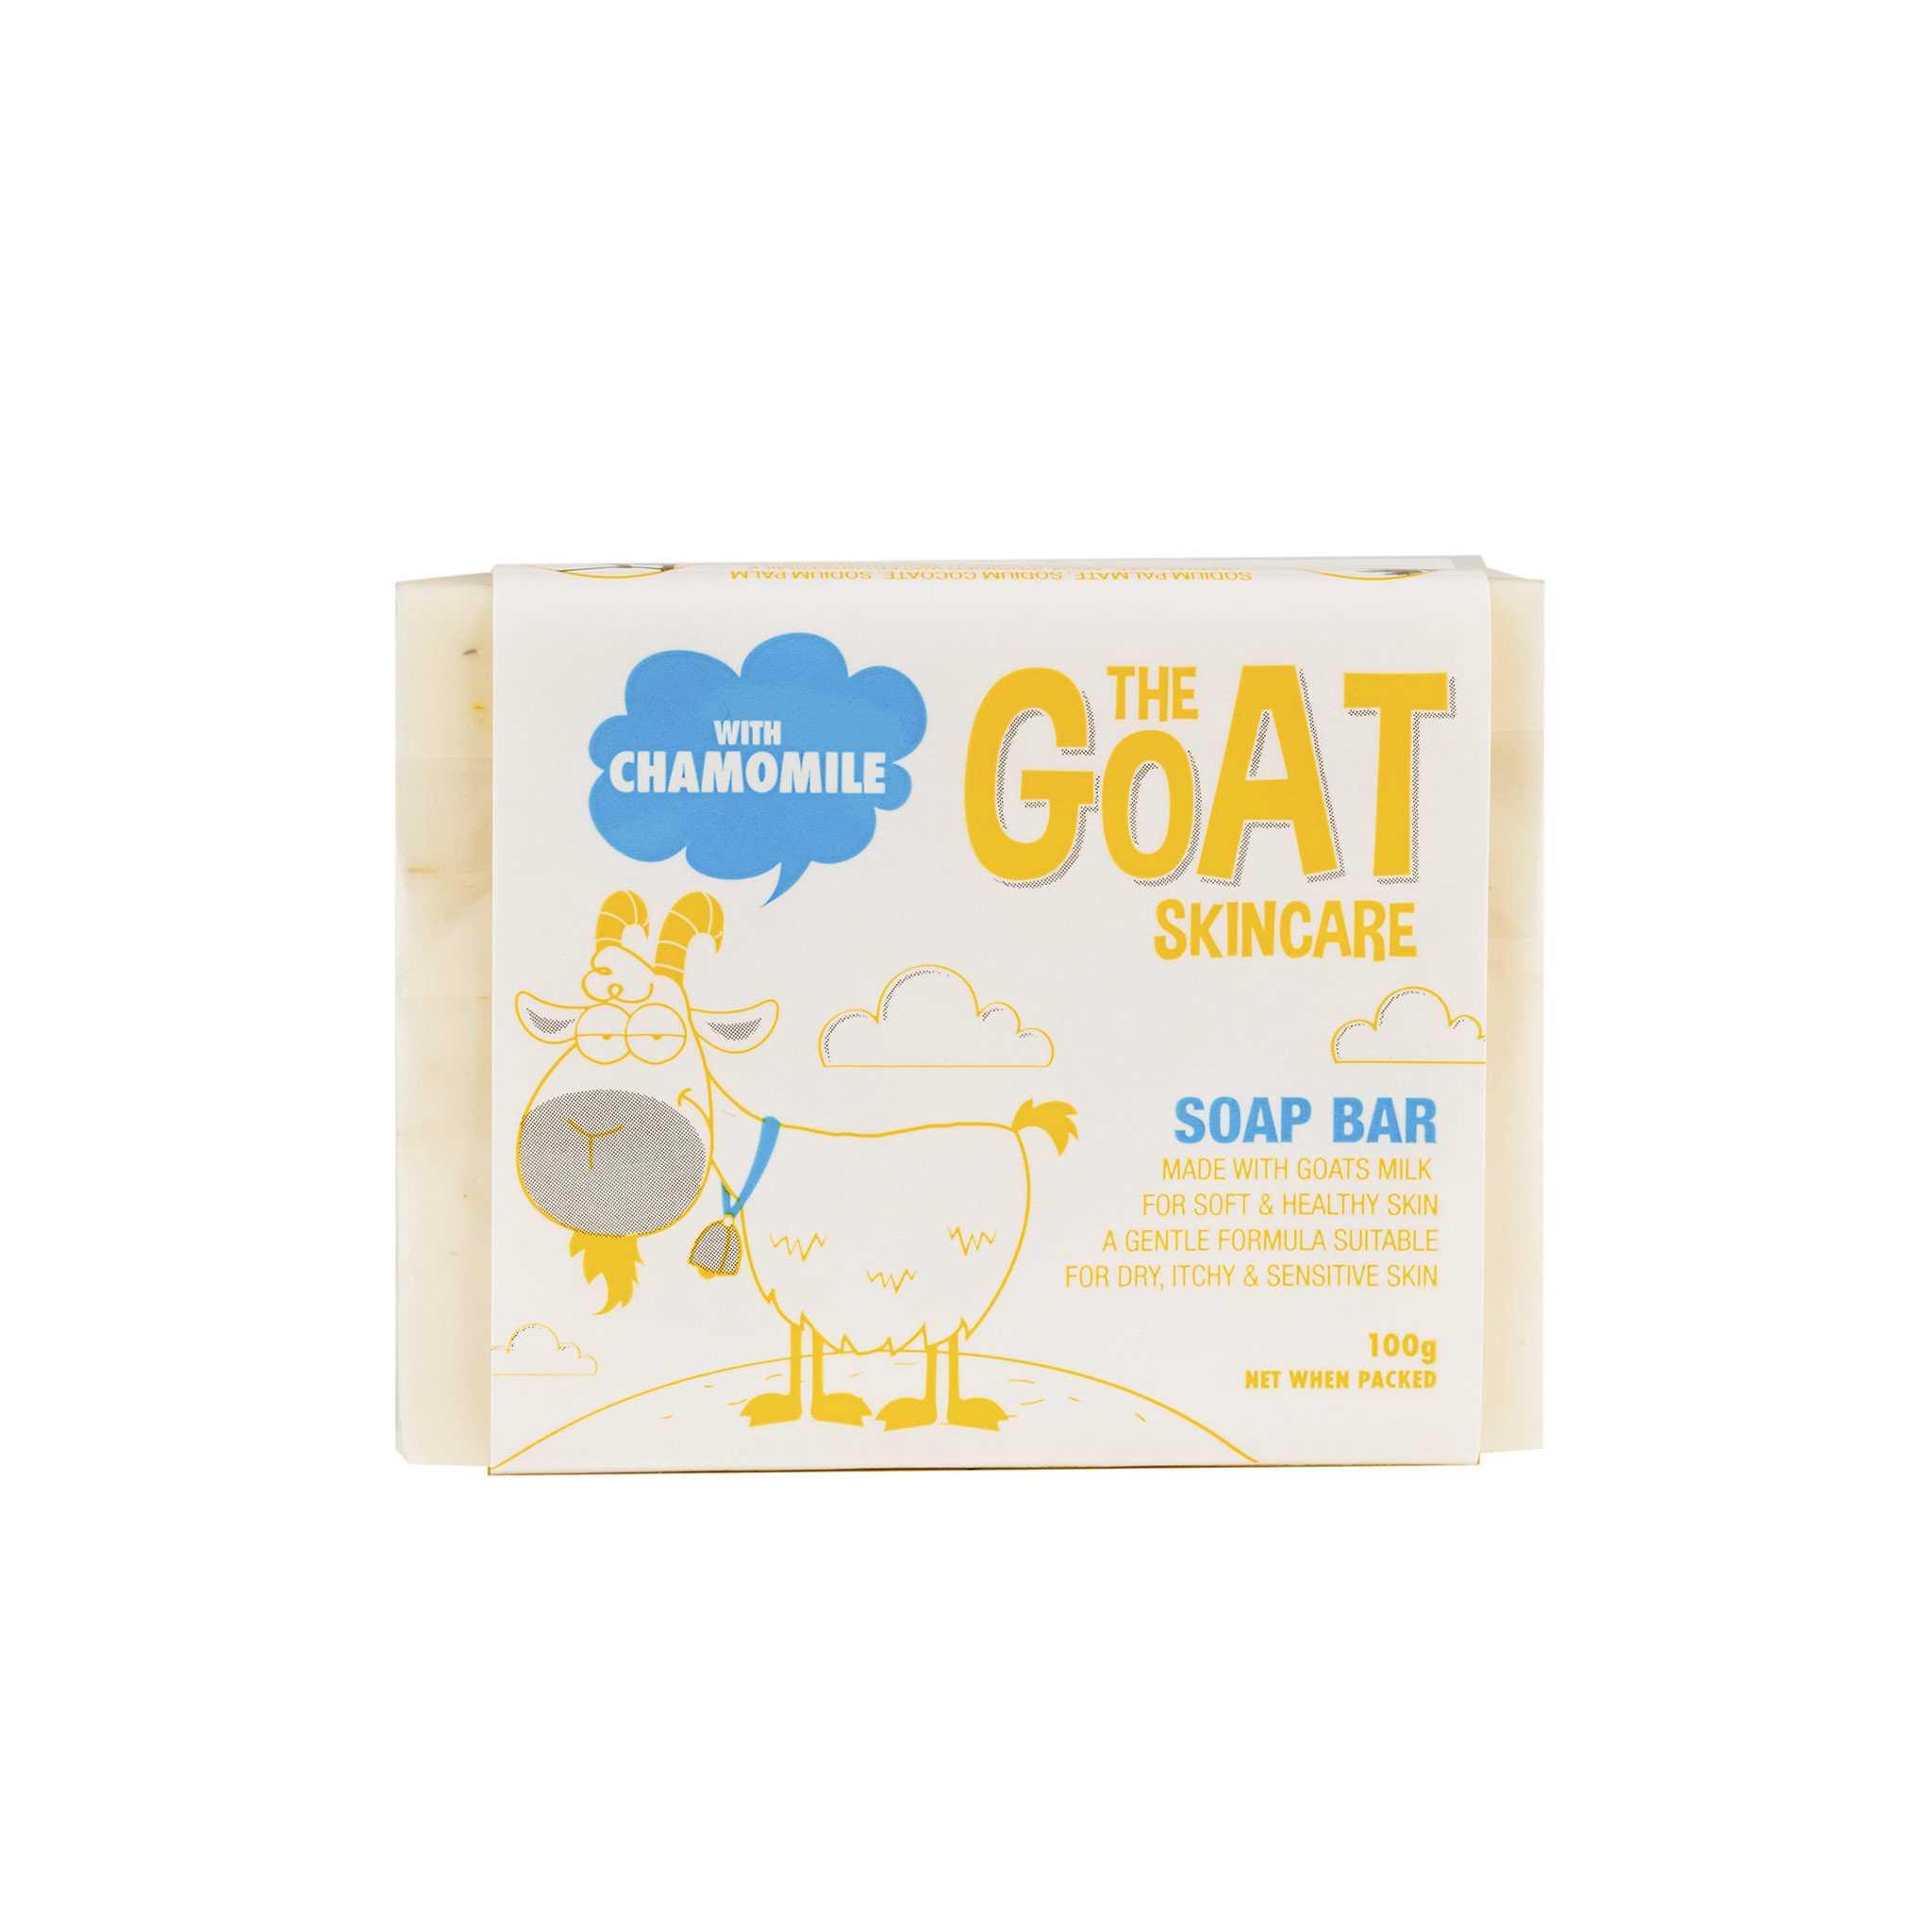 The Goat Skincare Soap Bar 羊奶洋甘菊香皂